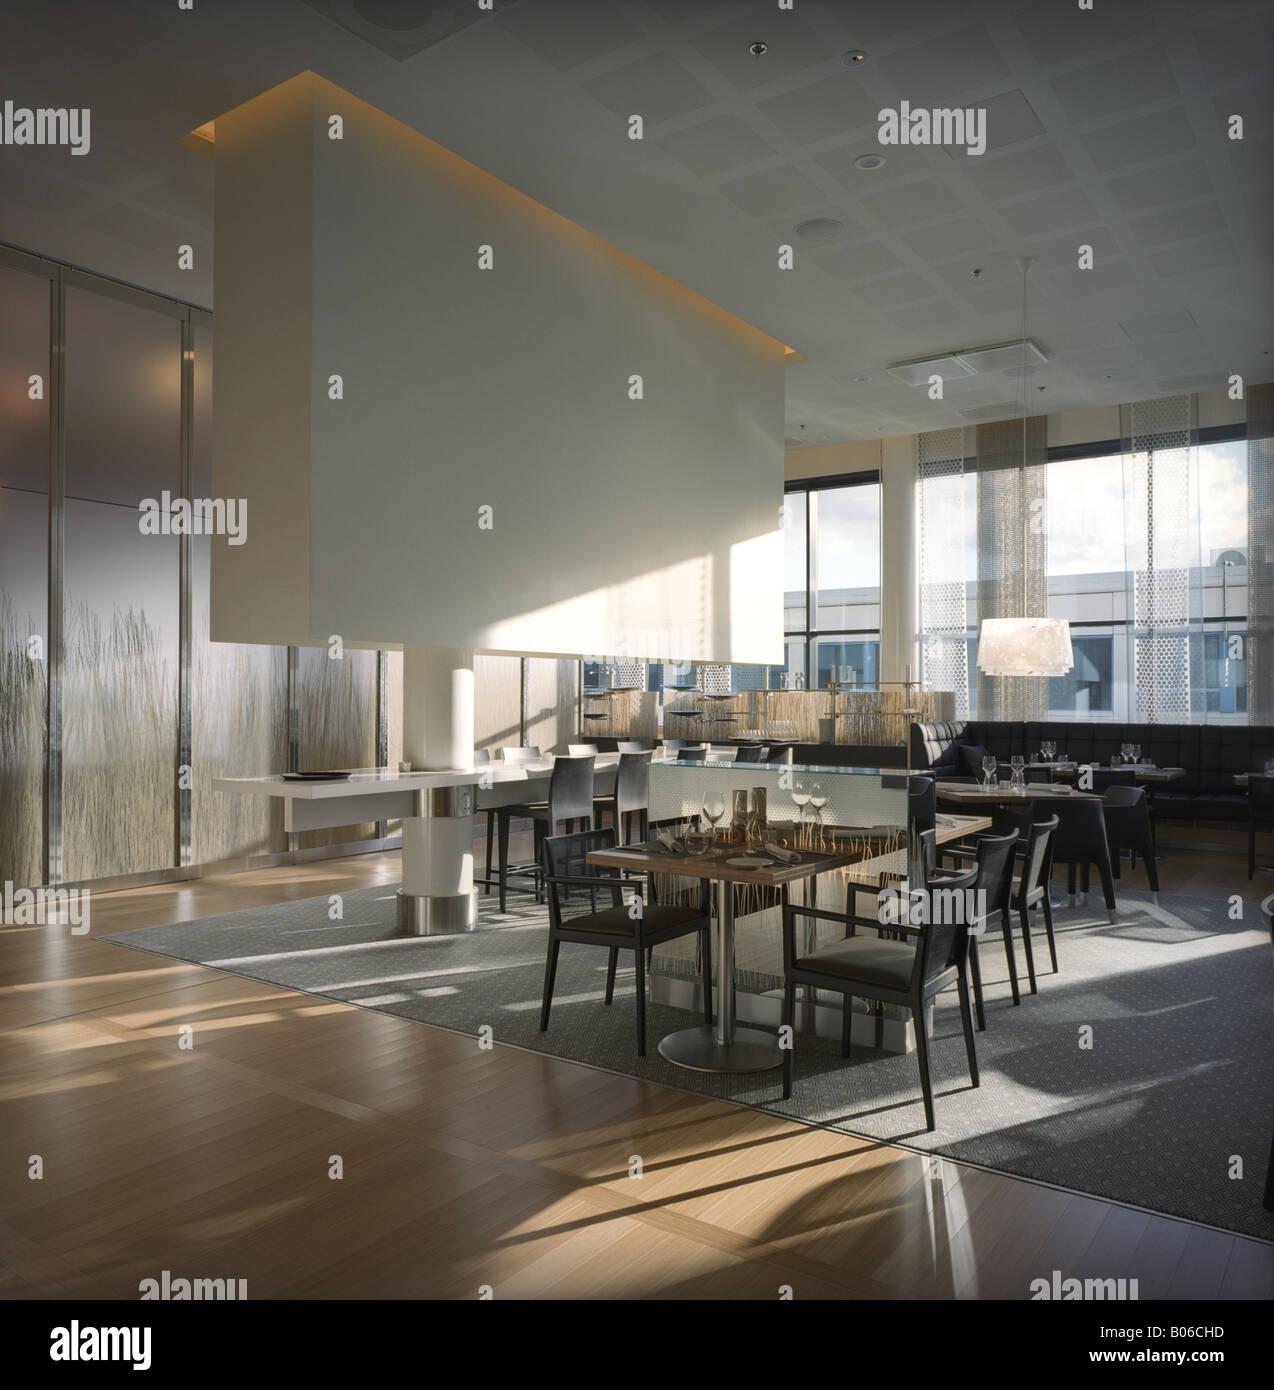 Ristorante moderno lounge interior design architettura for Interior design moderno